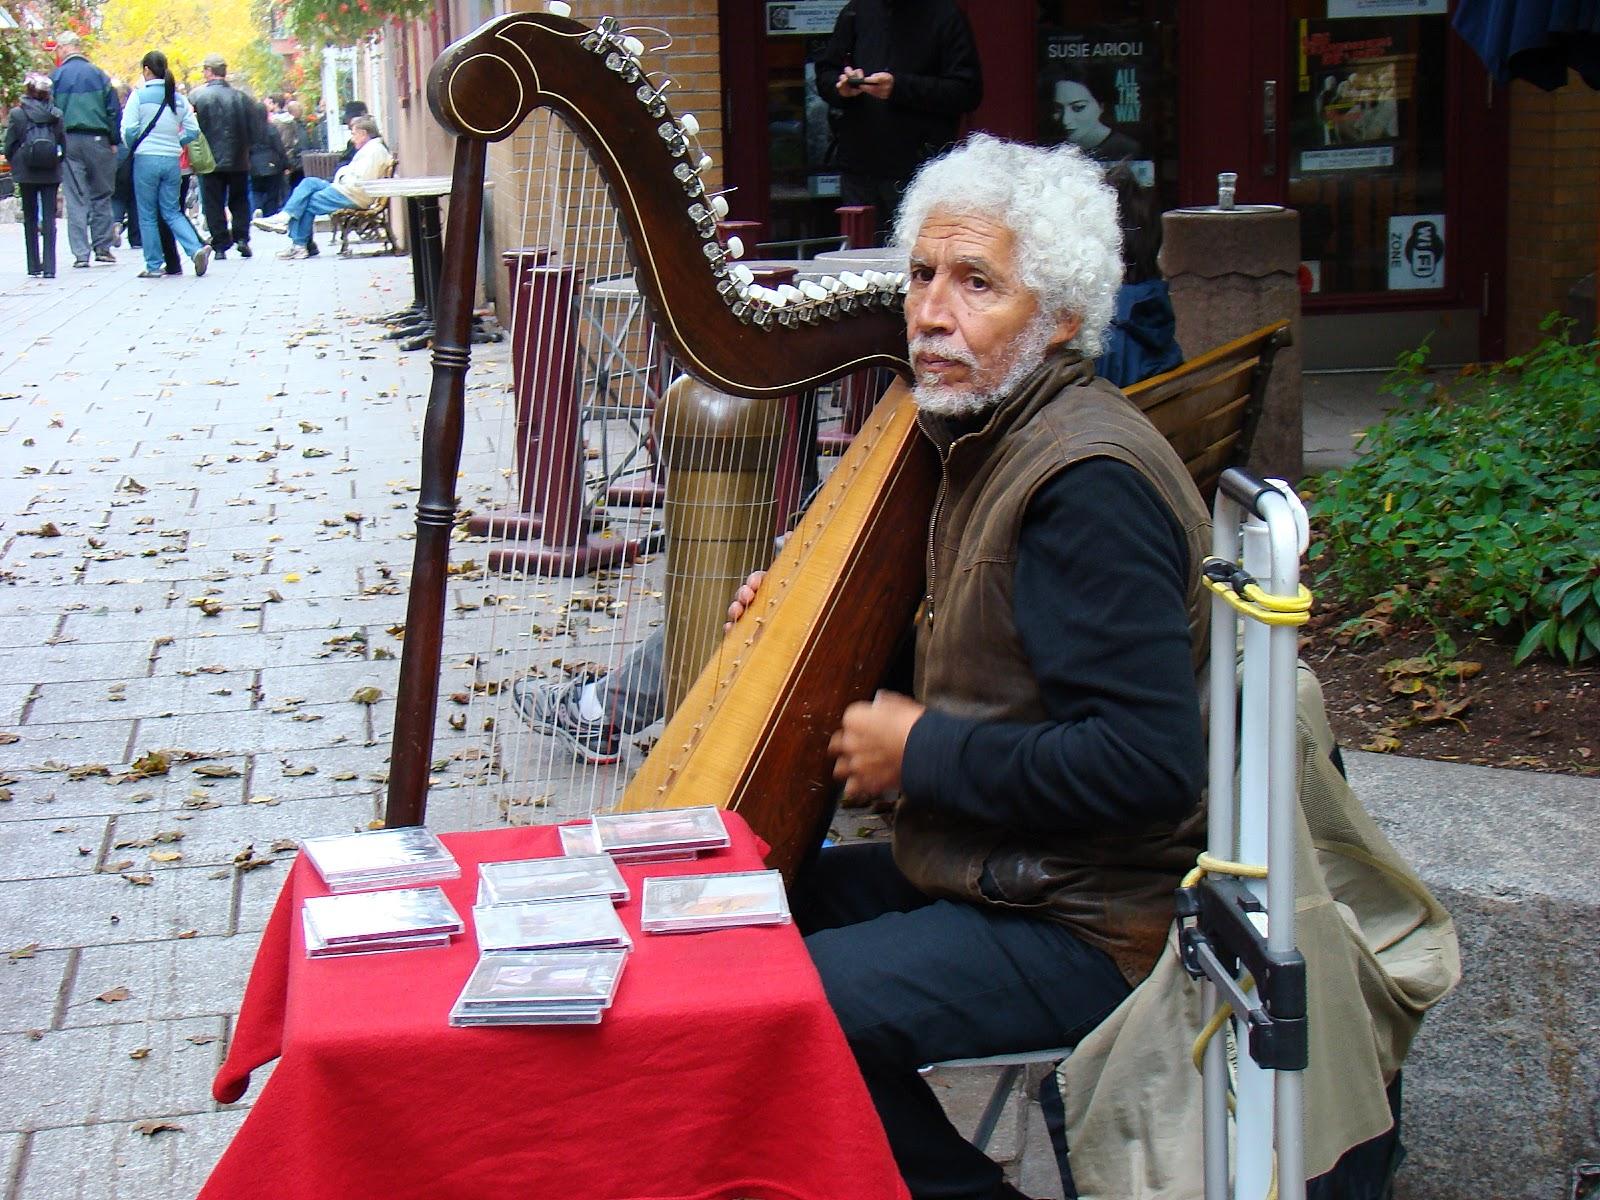 В историческом центре можно встретить множество музыкантов, художников и ремесленников